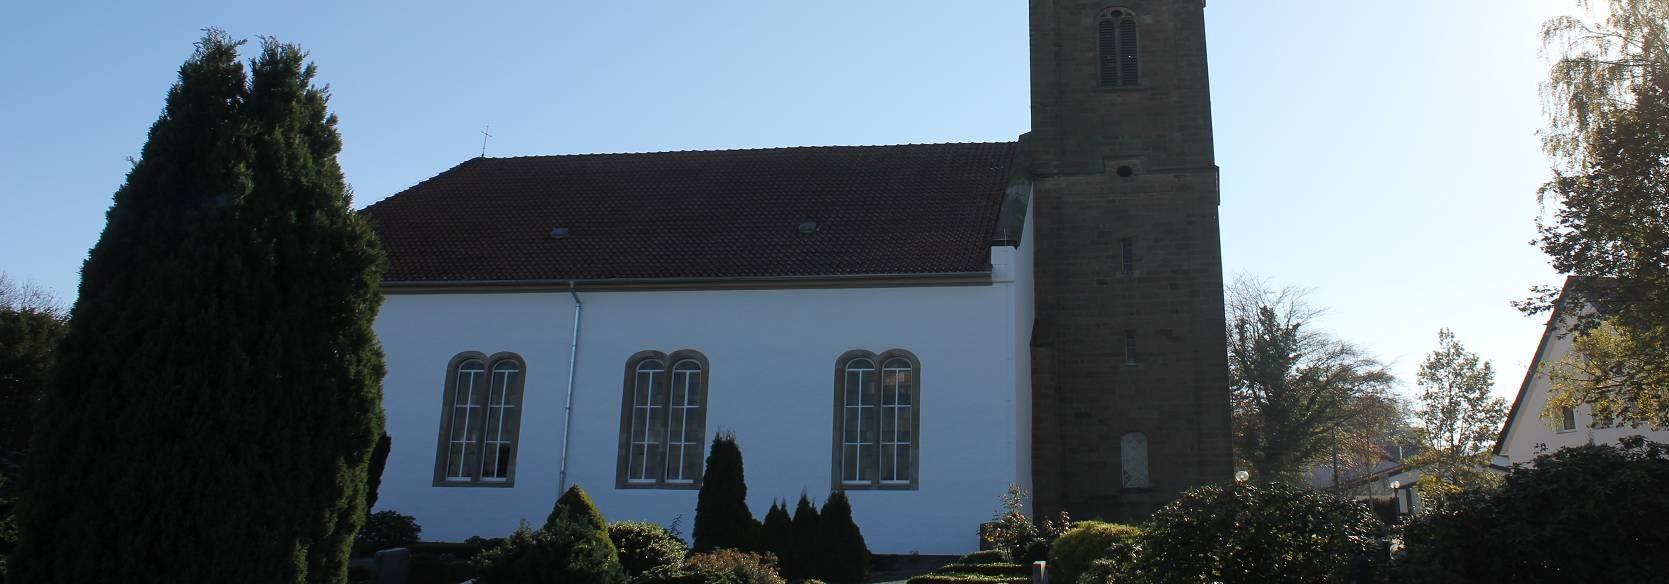 Evangelisch-Reformierte Kirchengemeinde Wüsten